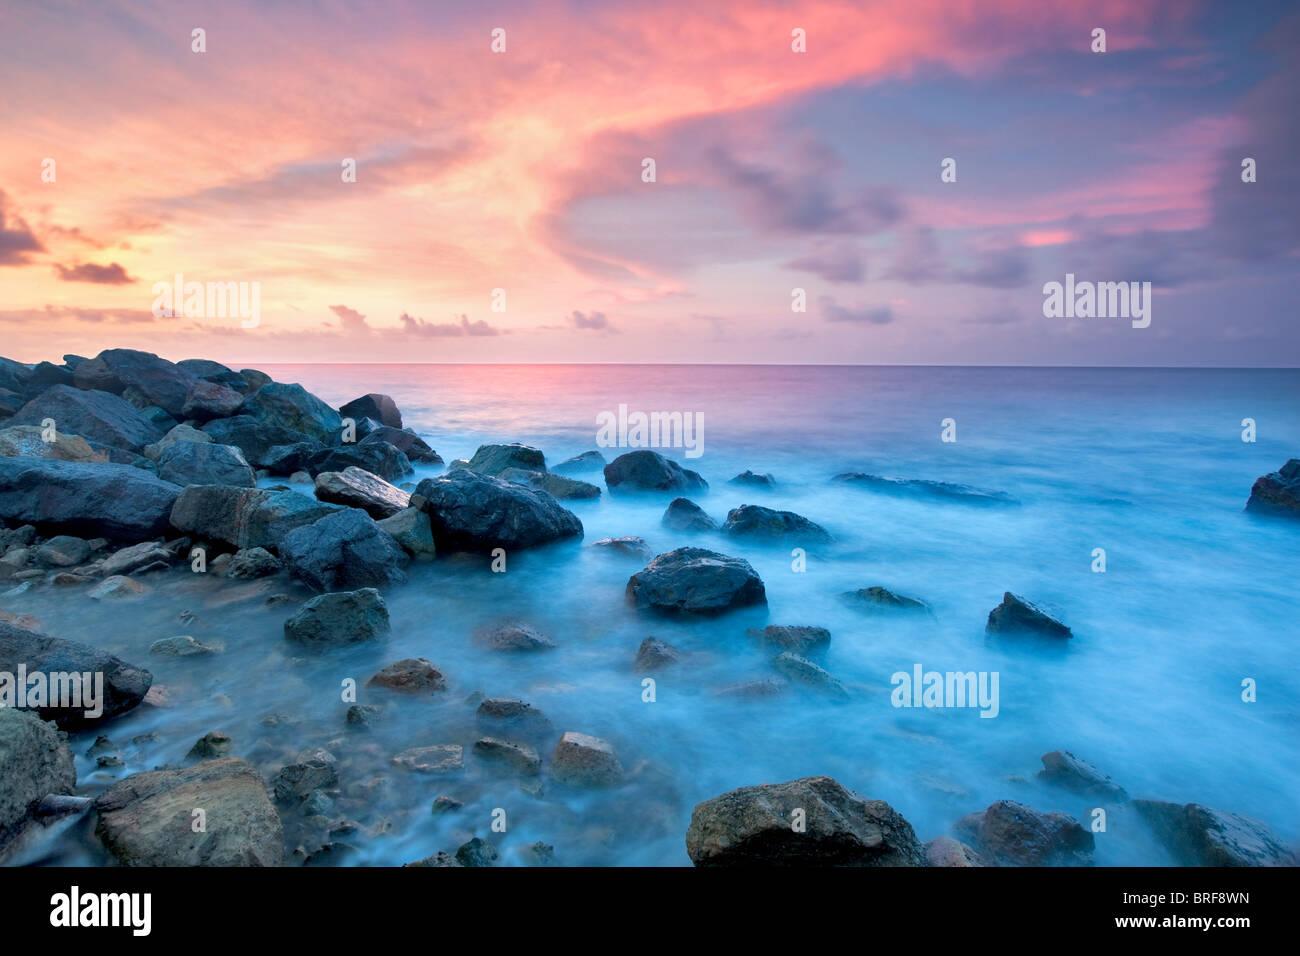 Coucher du soleil de la côte. Saint Thomas. Îles Vierges Américaines Banque D'Images